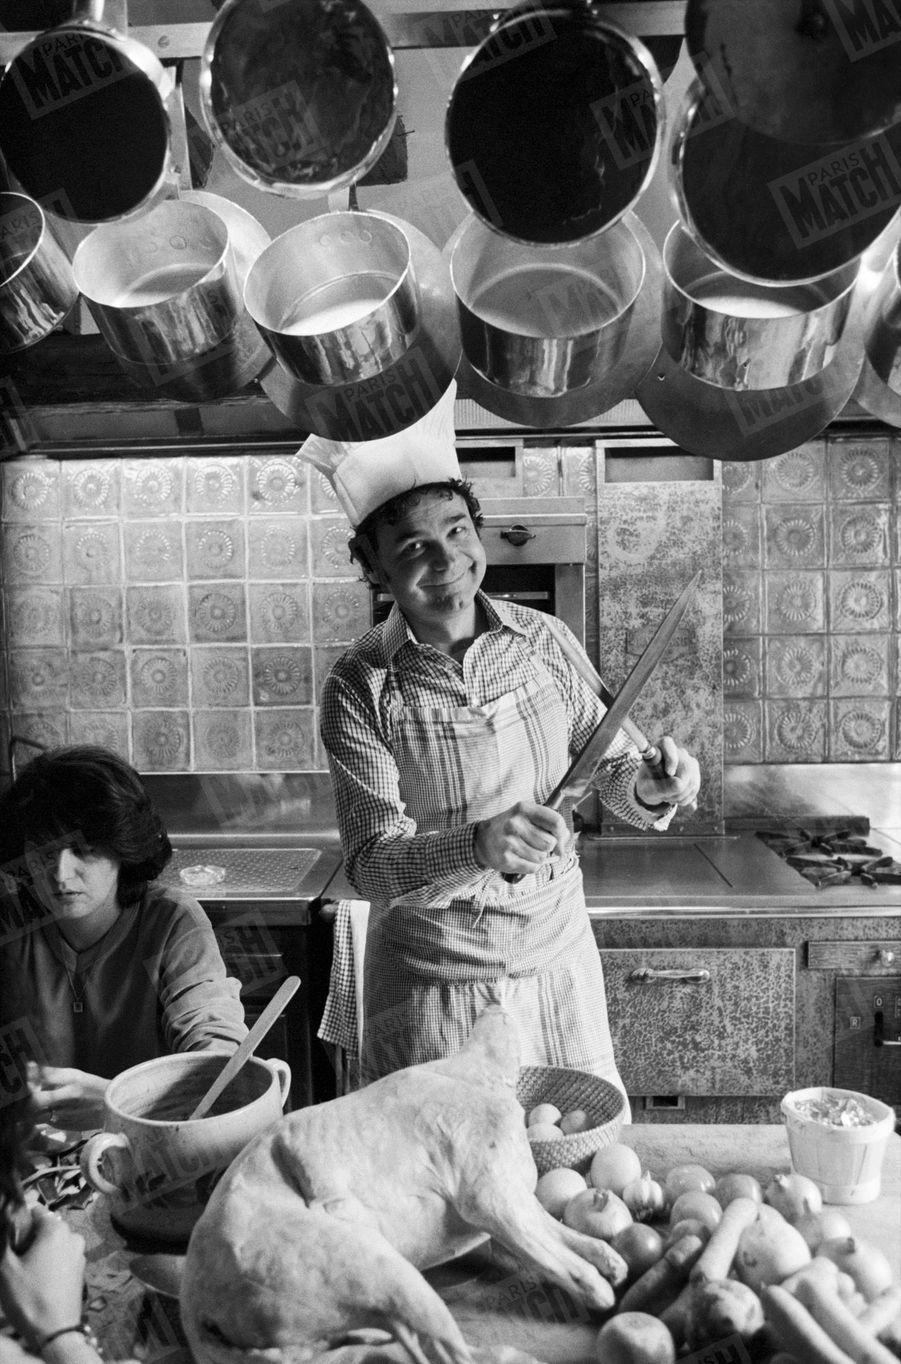 """""""Bon vivant, Pierre Perret adore cuisiner en famille : Simone et les enfants font la corvée de « pluche » dans la bonne humeur."""" - Paris Match n°1555, 13 mars 1979"""